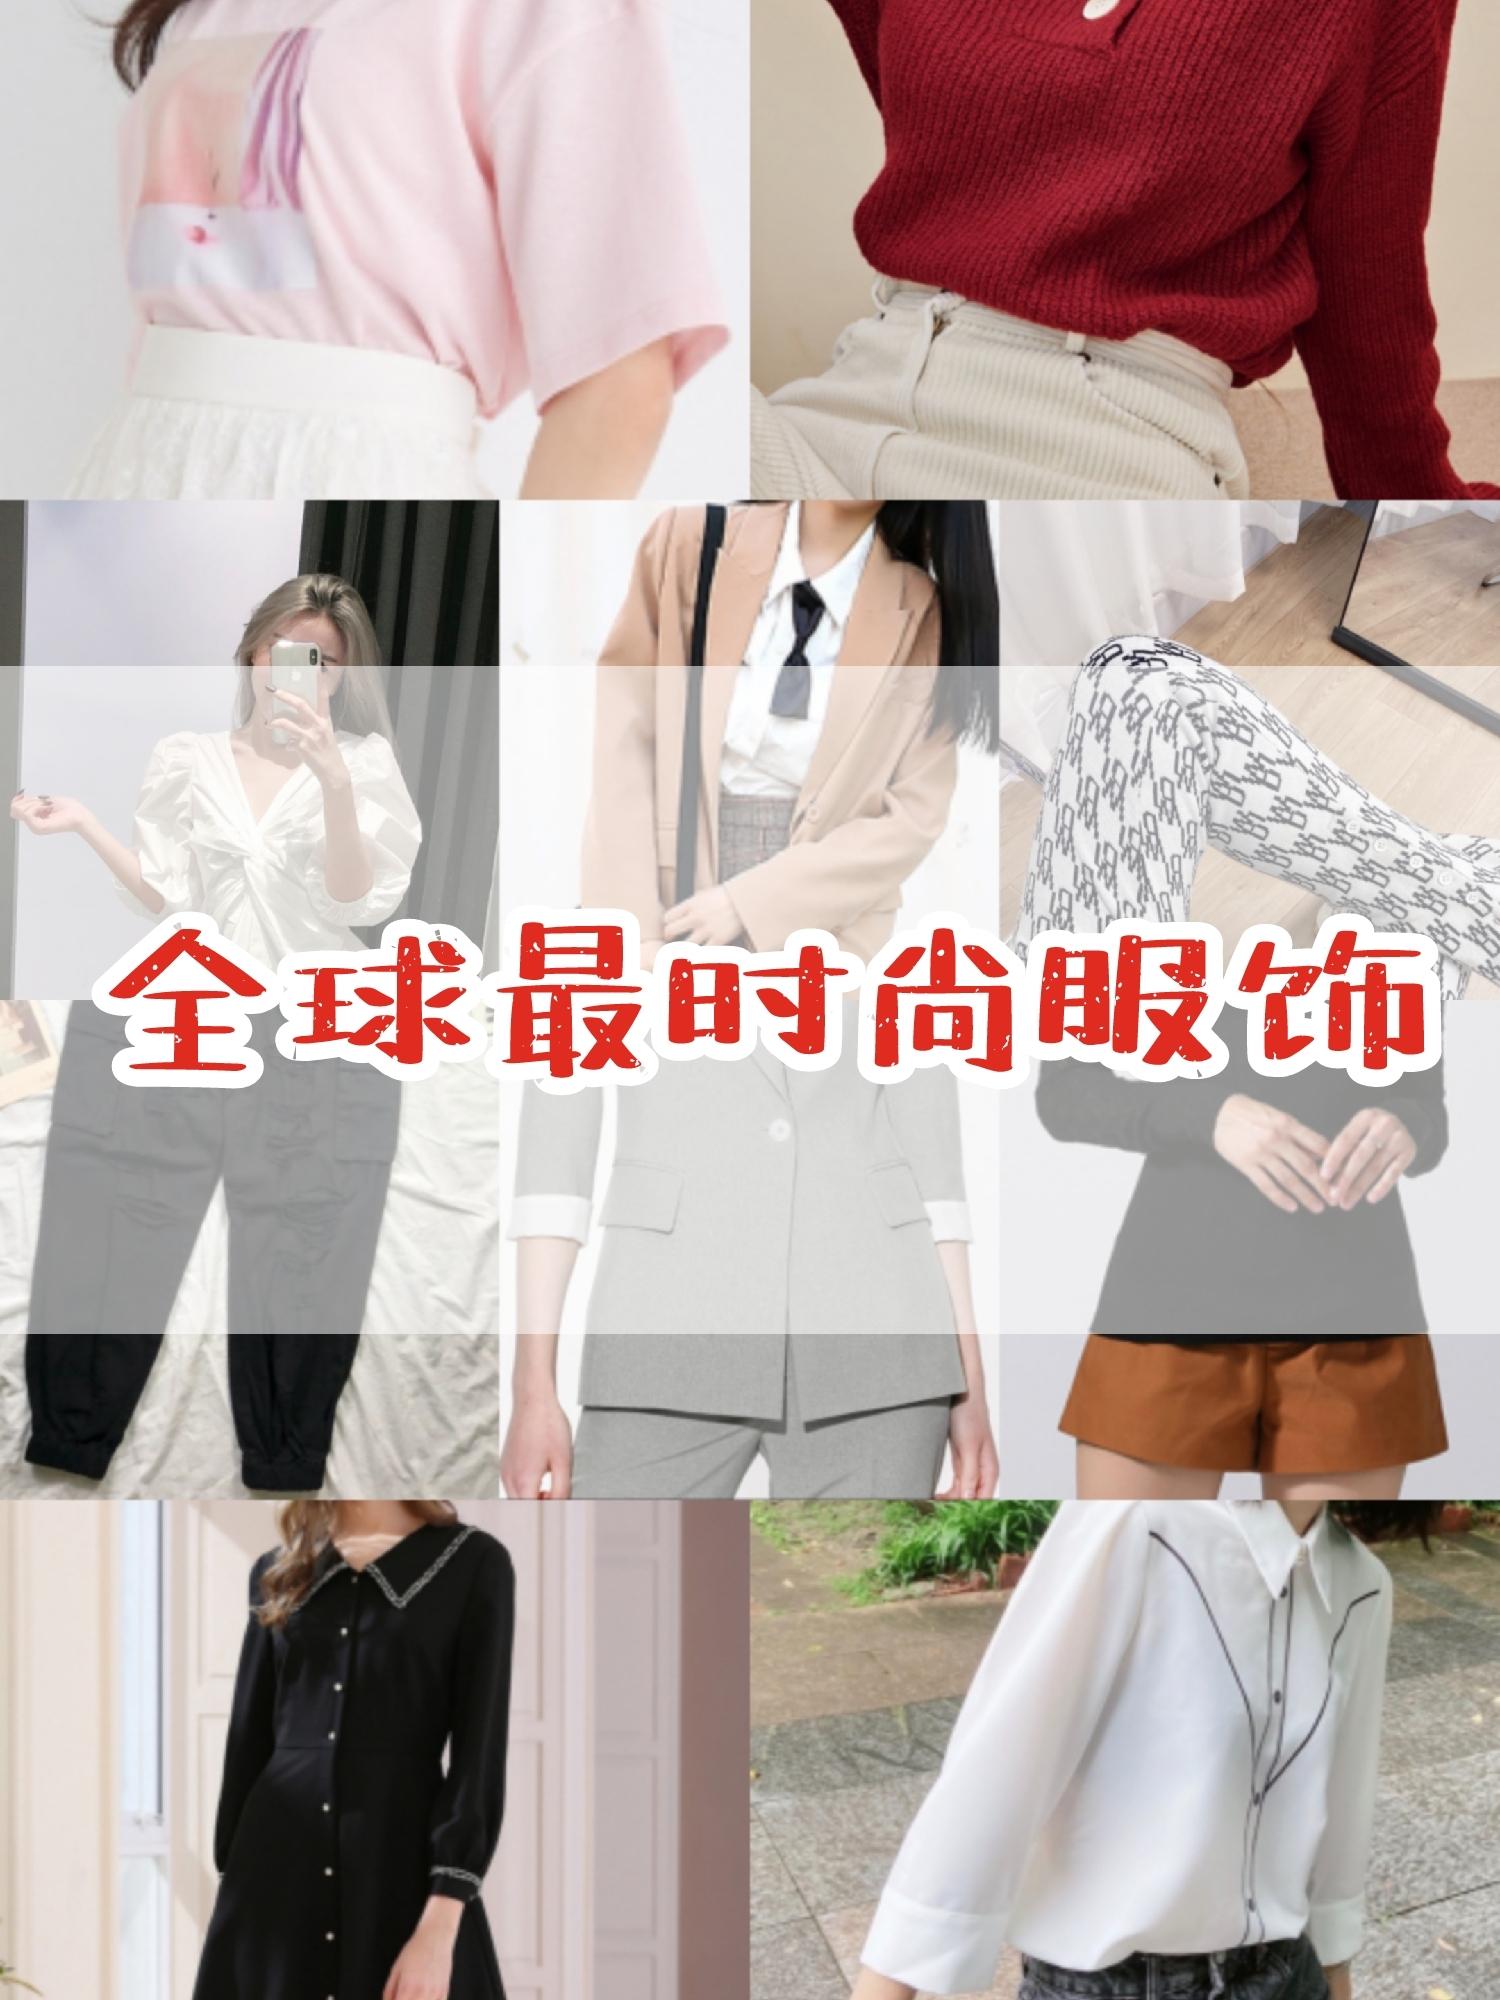 2021全球最时尚的10个服饰品牌排行榜